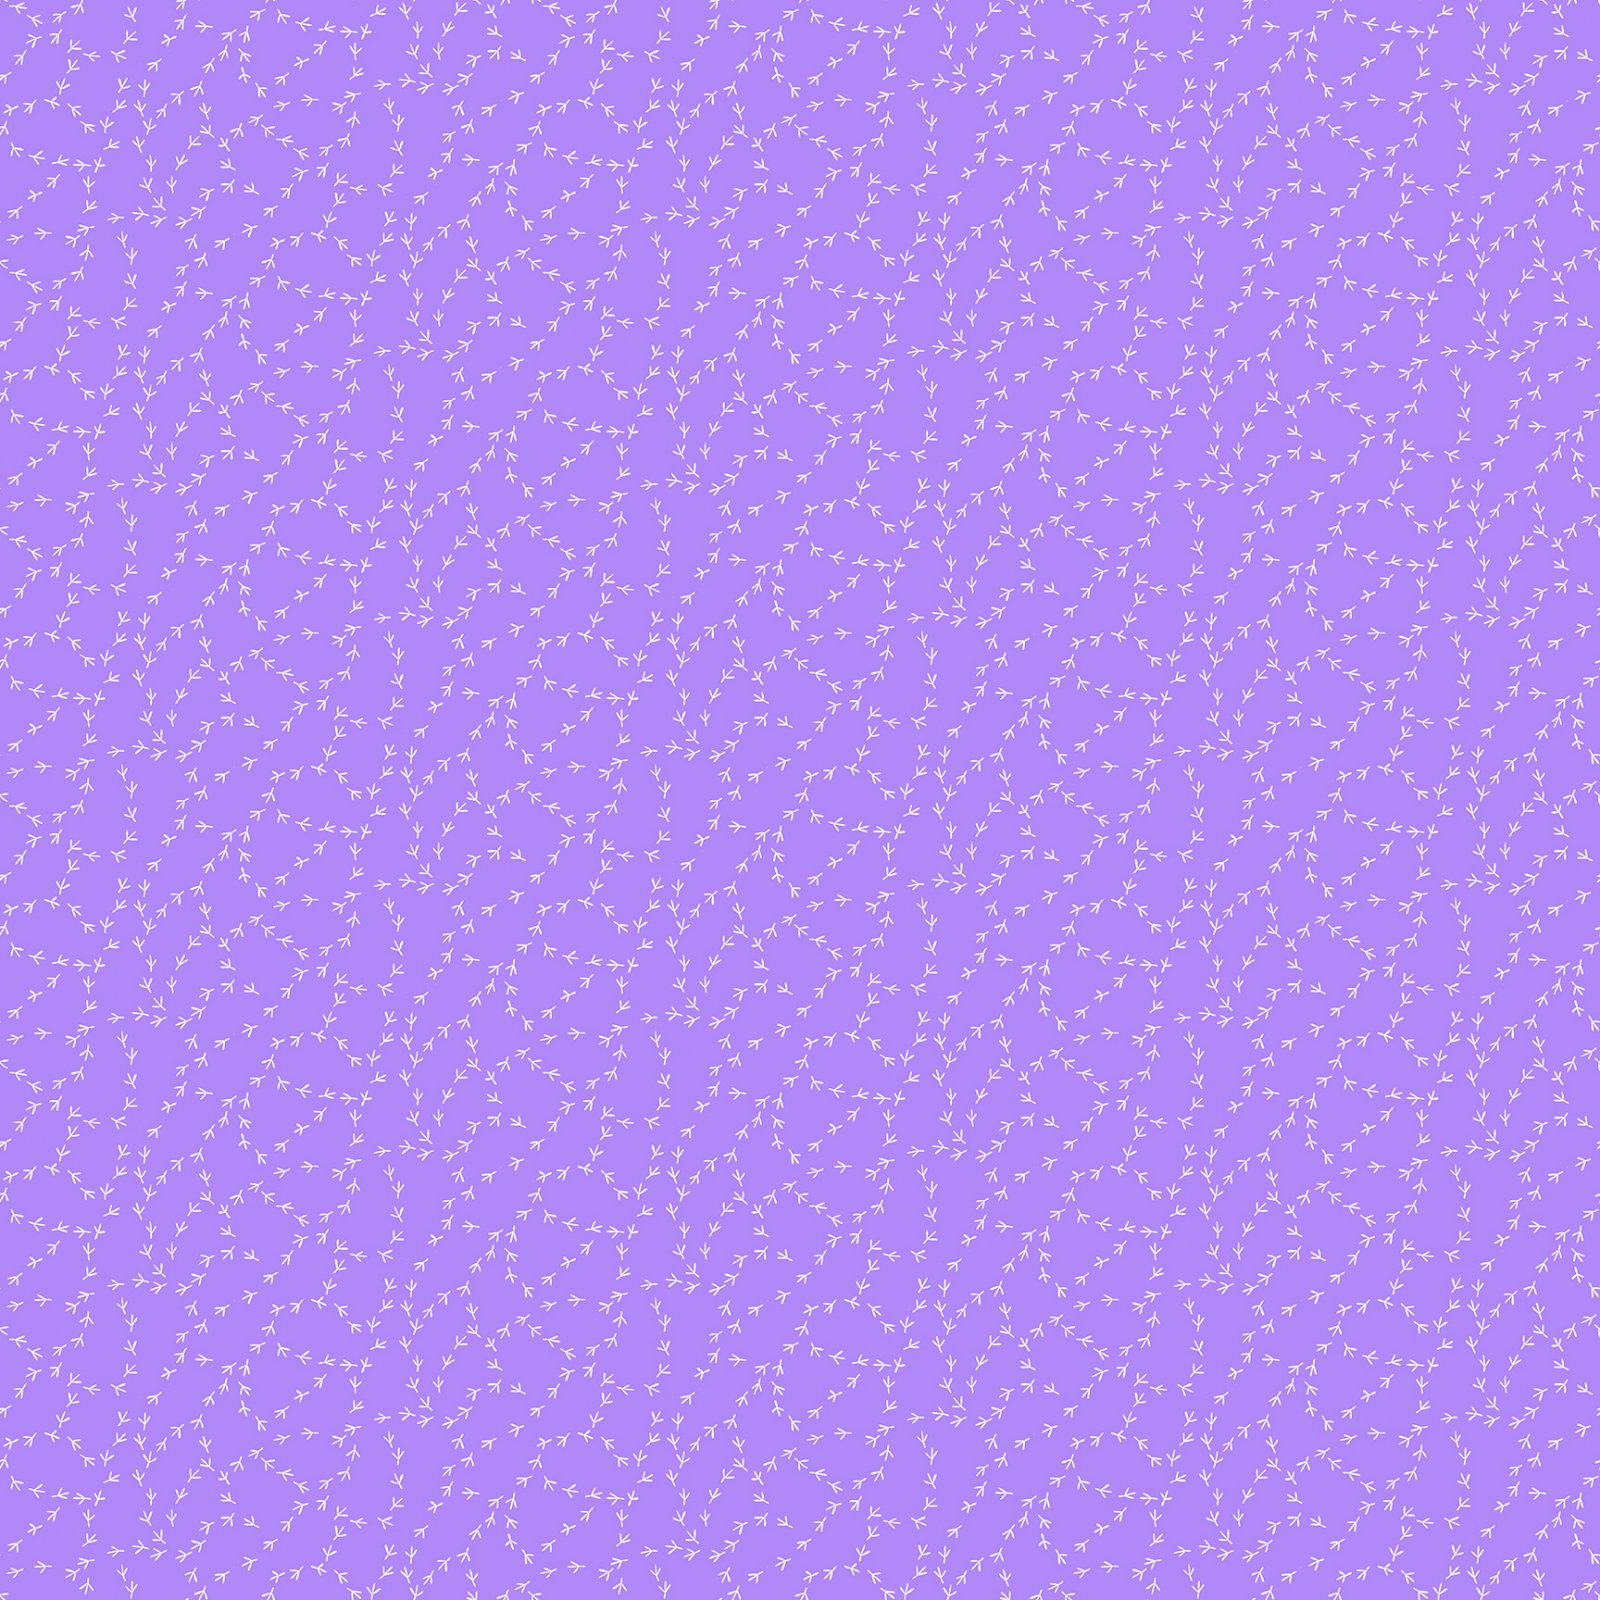 Purple tracks